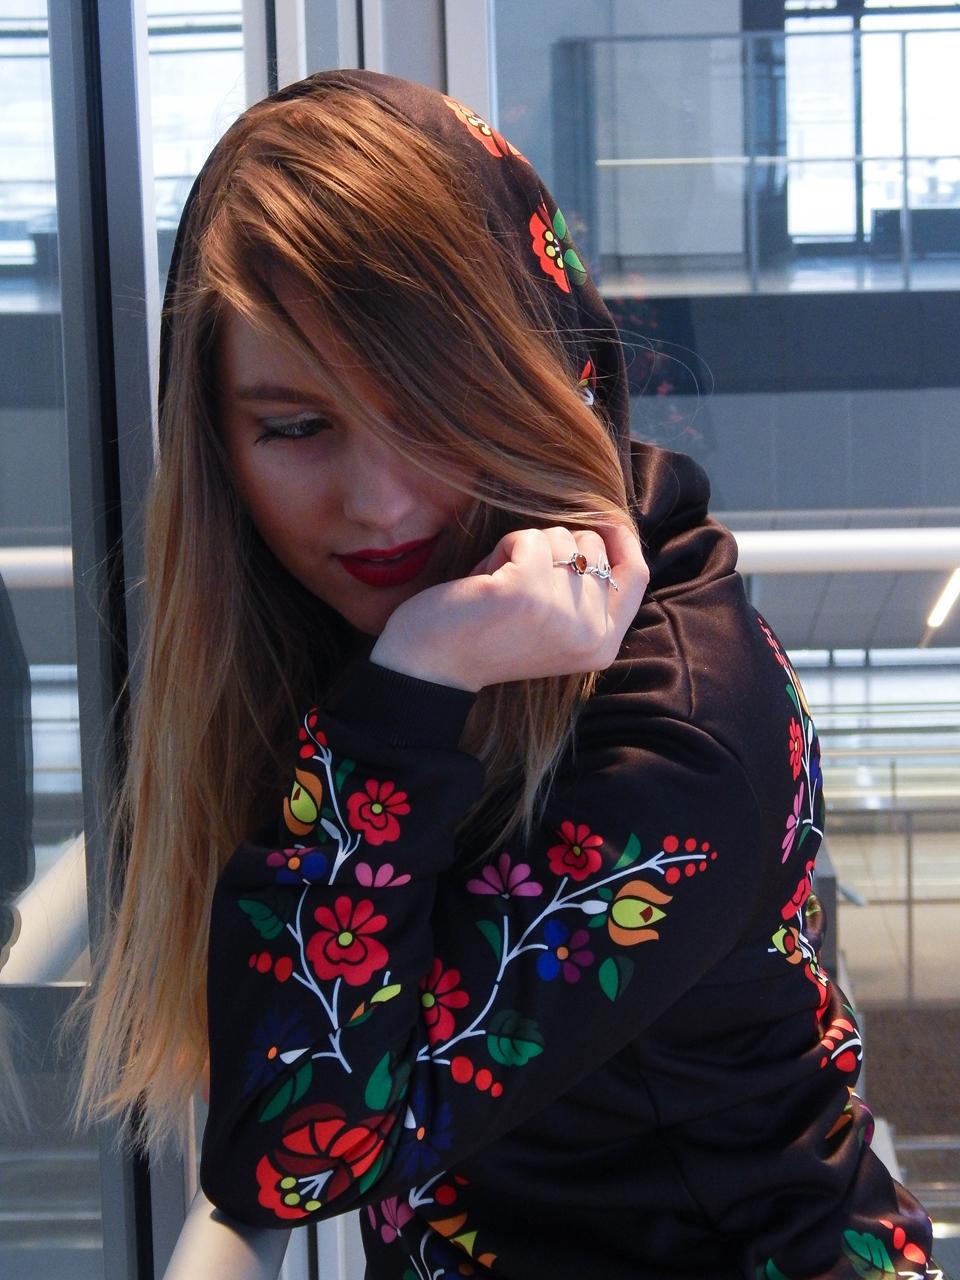 f11-2 folk by koko recenzja opinie ubrania folkowe łowickie motywy bluza góralska sukienka kodra łowicka folkowe ubrania moda ludowa pomysł na prezent fashion blog melodylaniella łódź dworzec łódź fabryczn